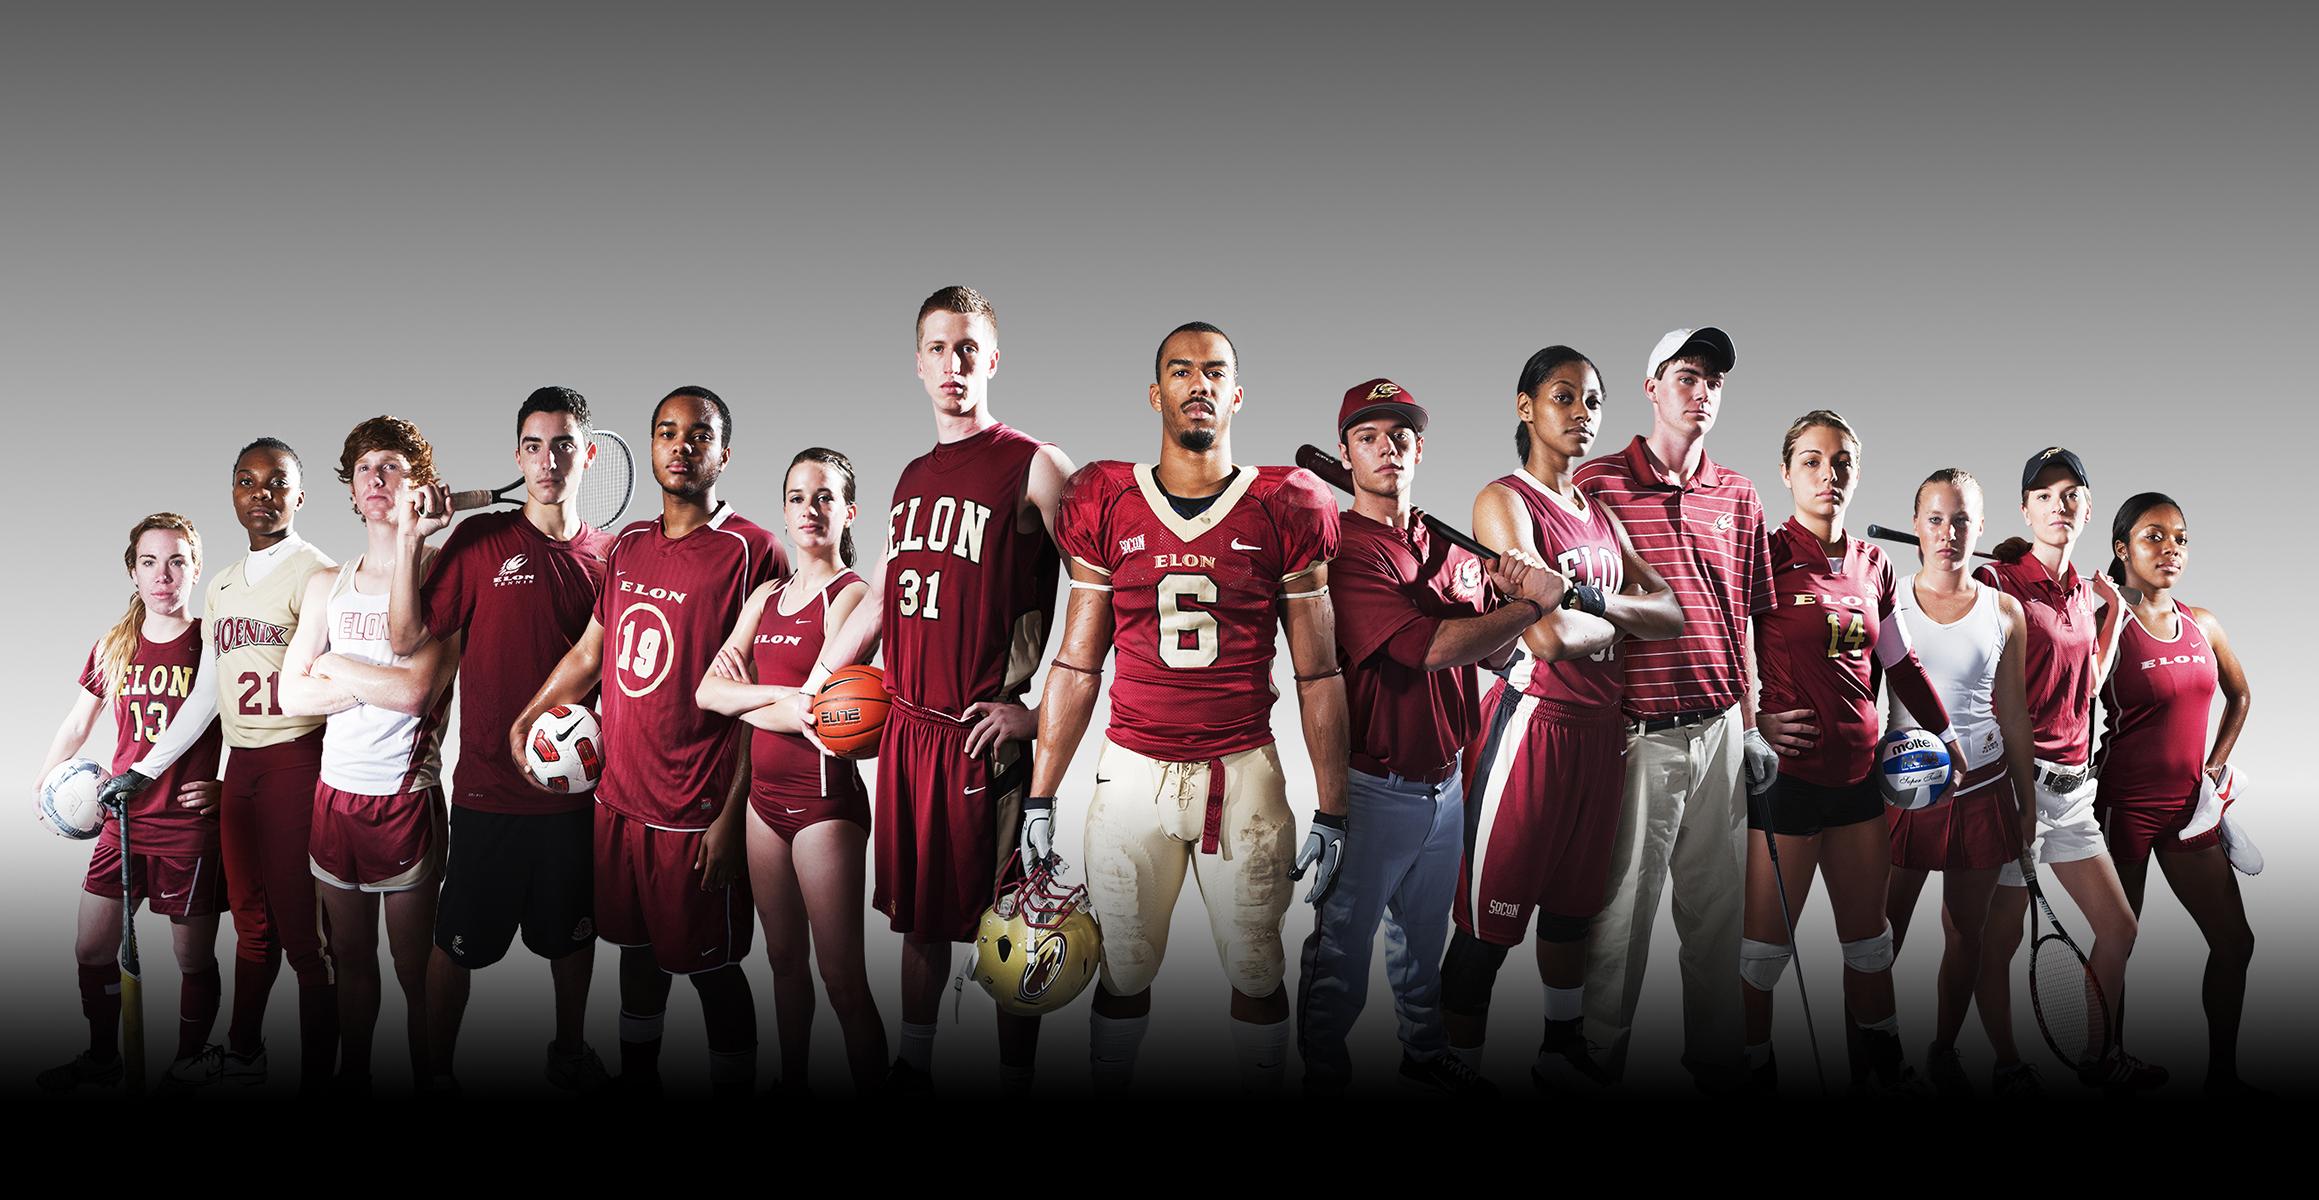 Promotional image for Elon University athletics.